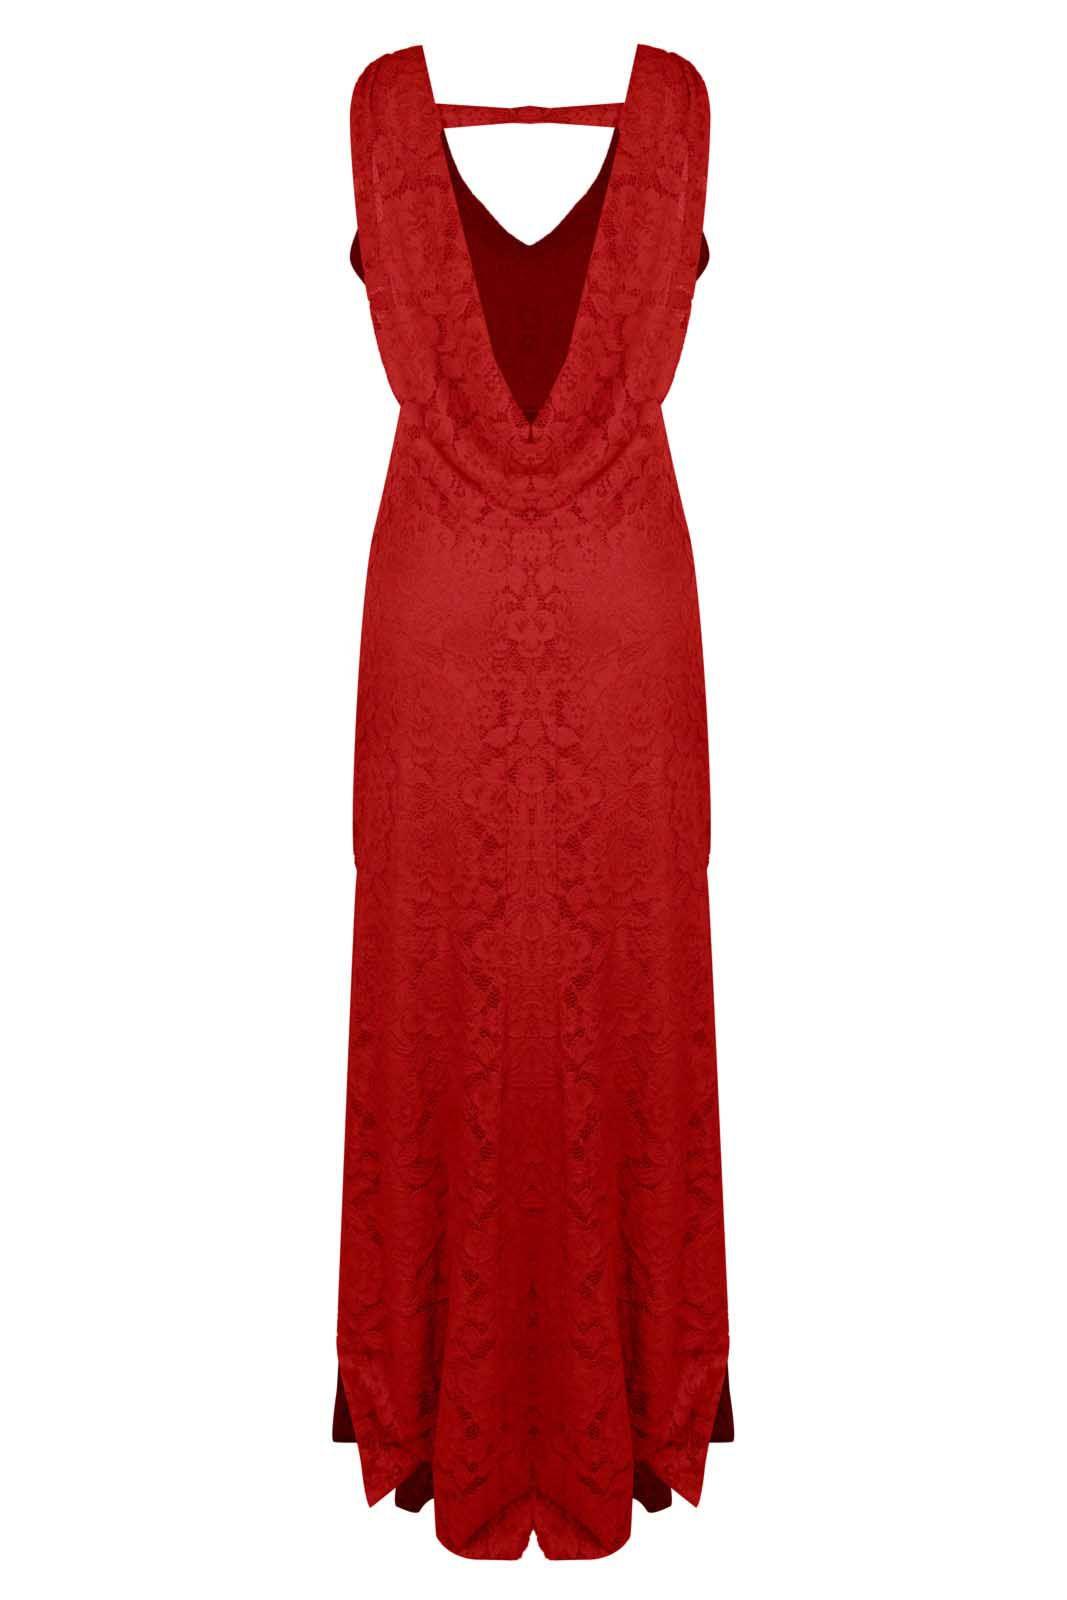 Vestido Outlet Dri Formatura Casamento Sereia Costa Nua Babado Caído Vermelho